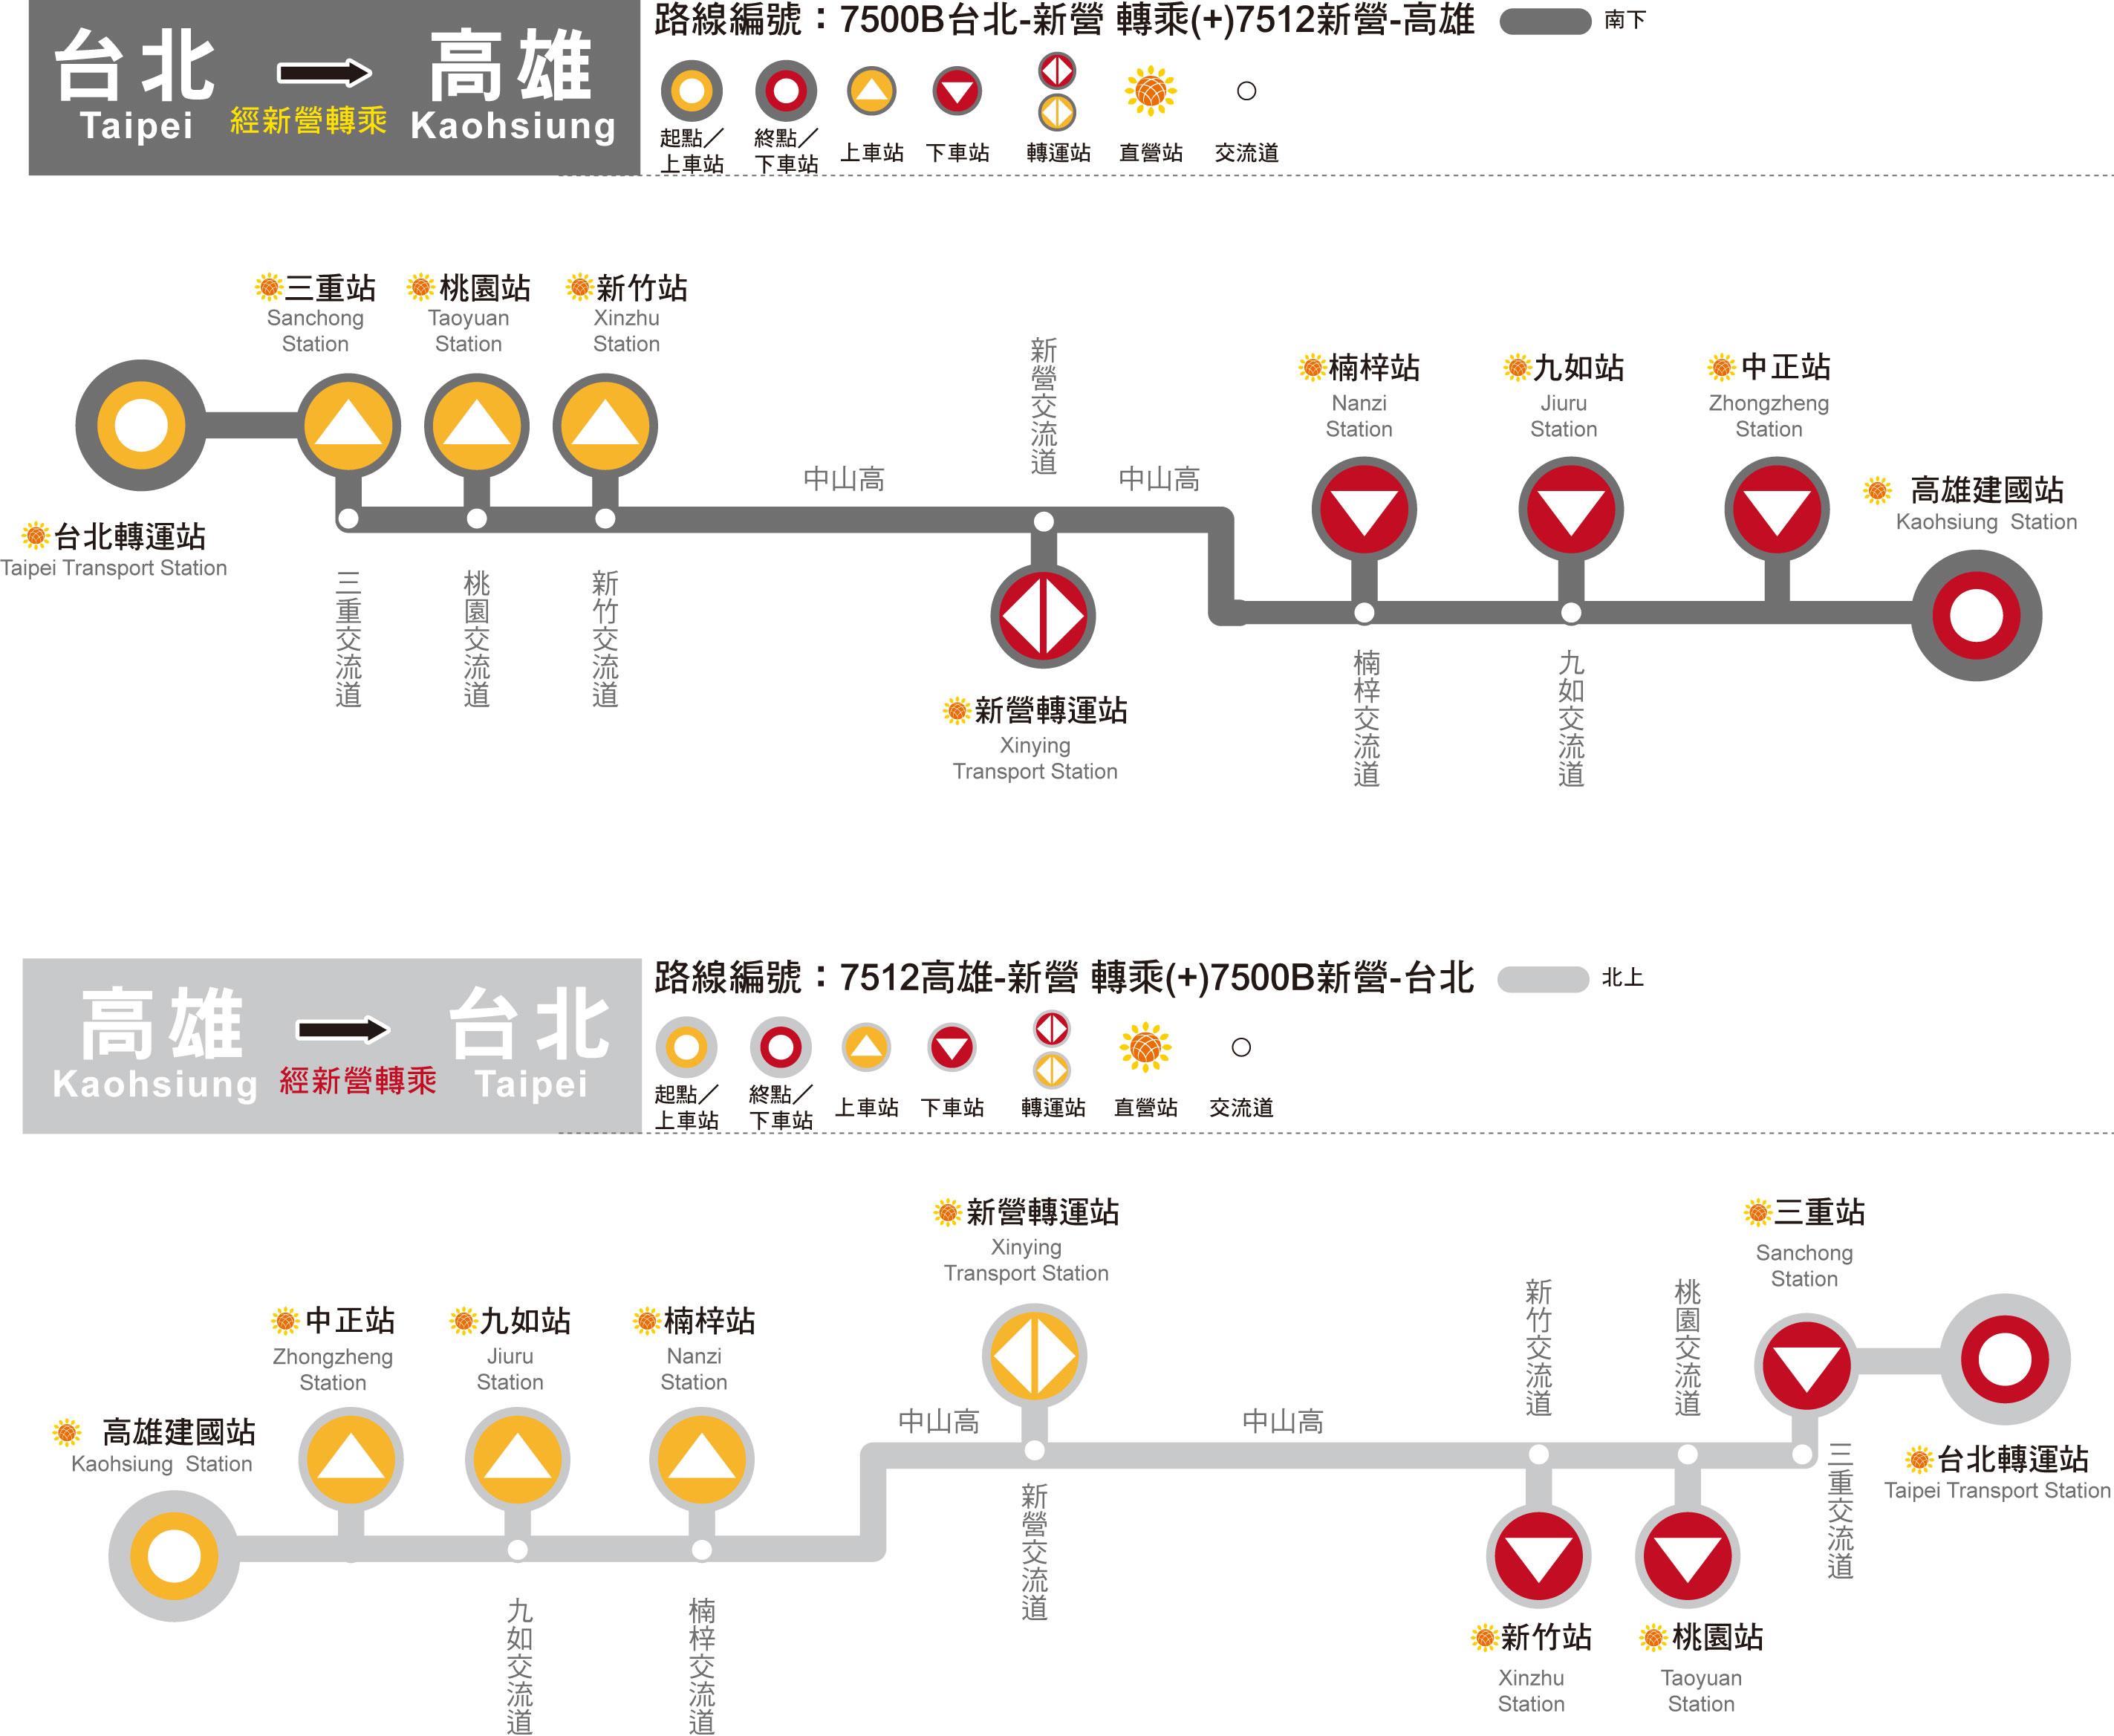 【臺北-高雄】交通攻略!巴士,臺鐵,高鐵比一比! - Oppa Sharing